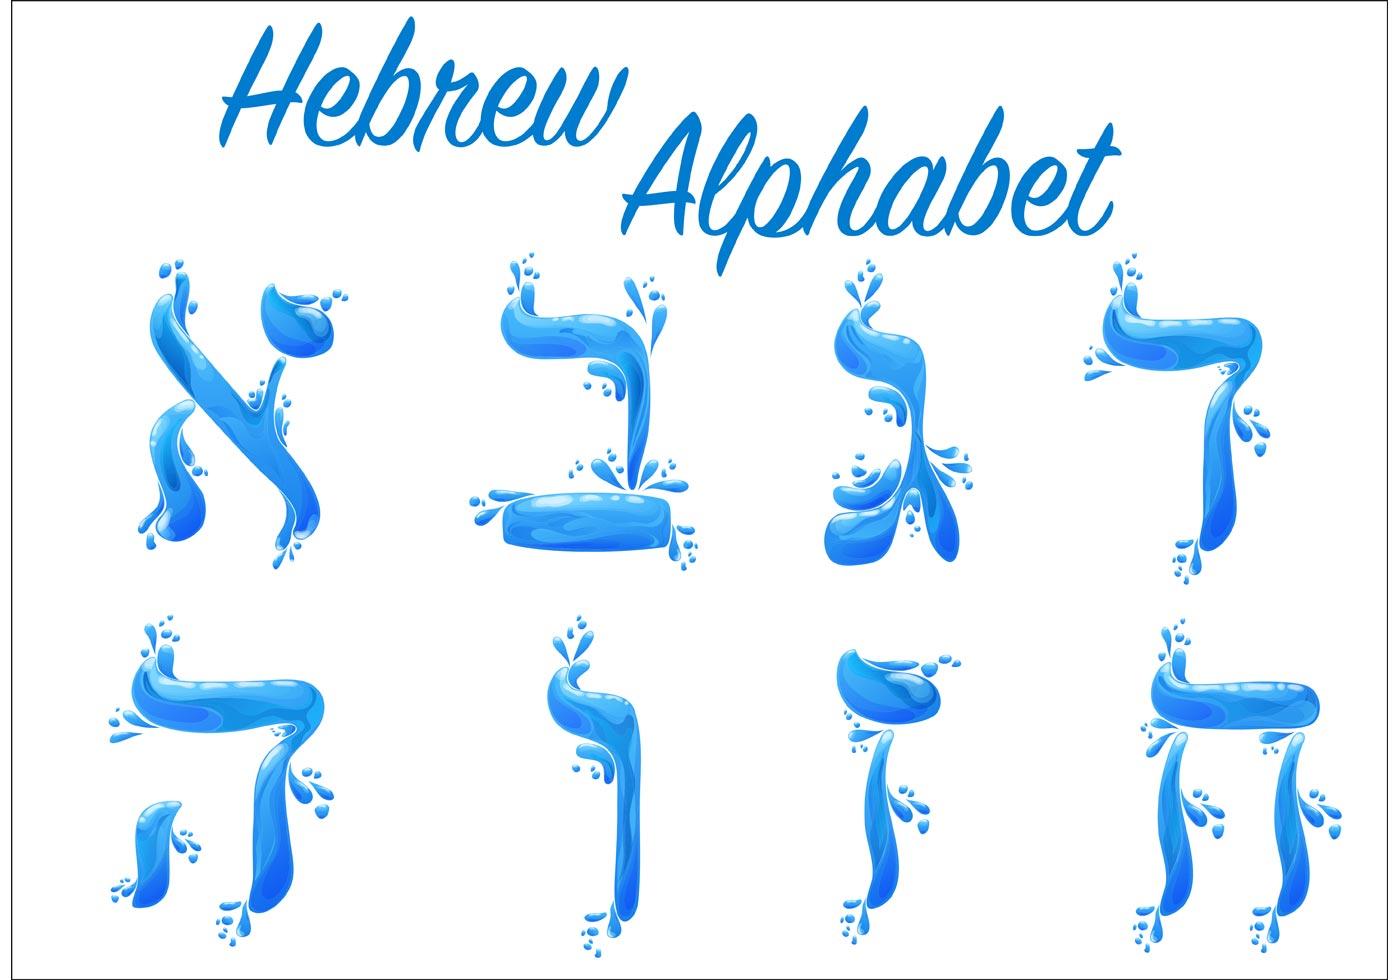 Watery Hebrew Alphabet Vector Pack